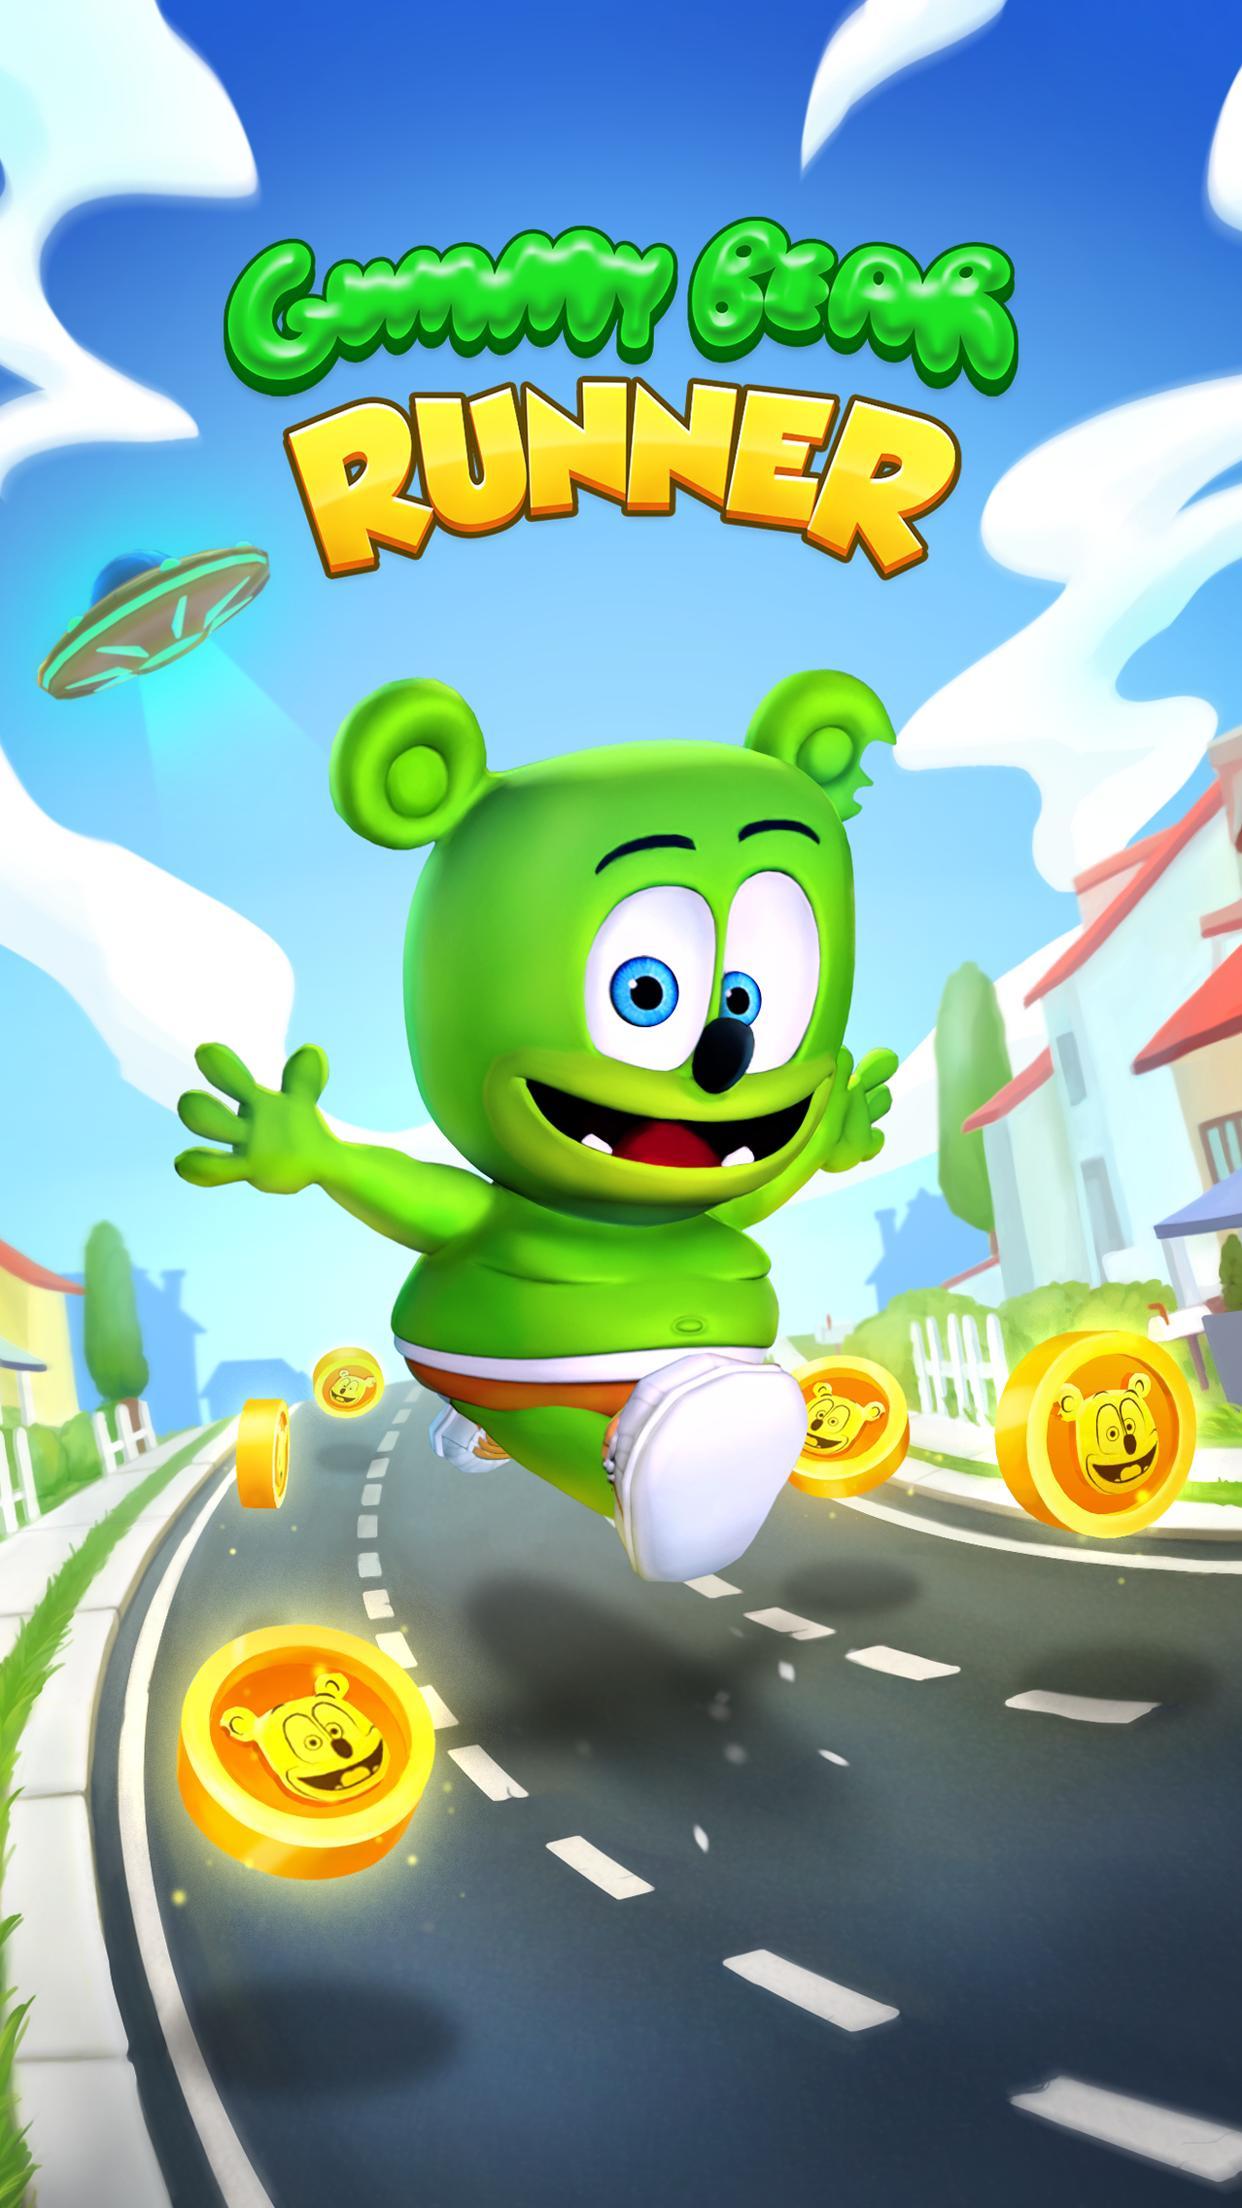 Gummy Bear Running - Endless Runner 2020 1.2.10 Screenshot 5